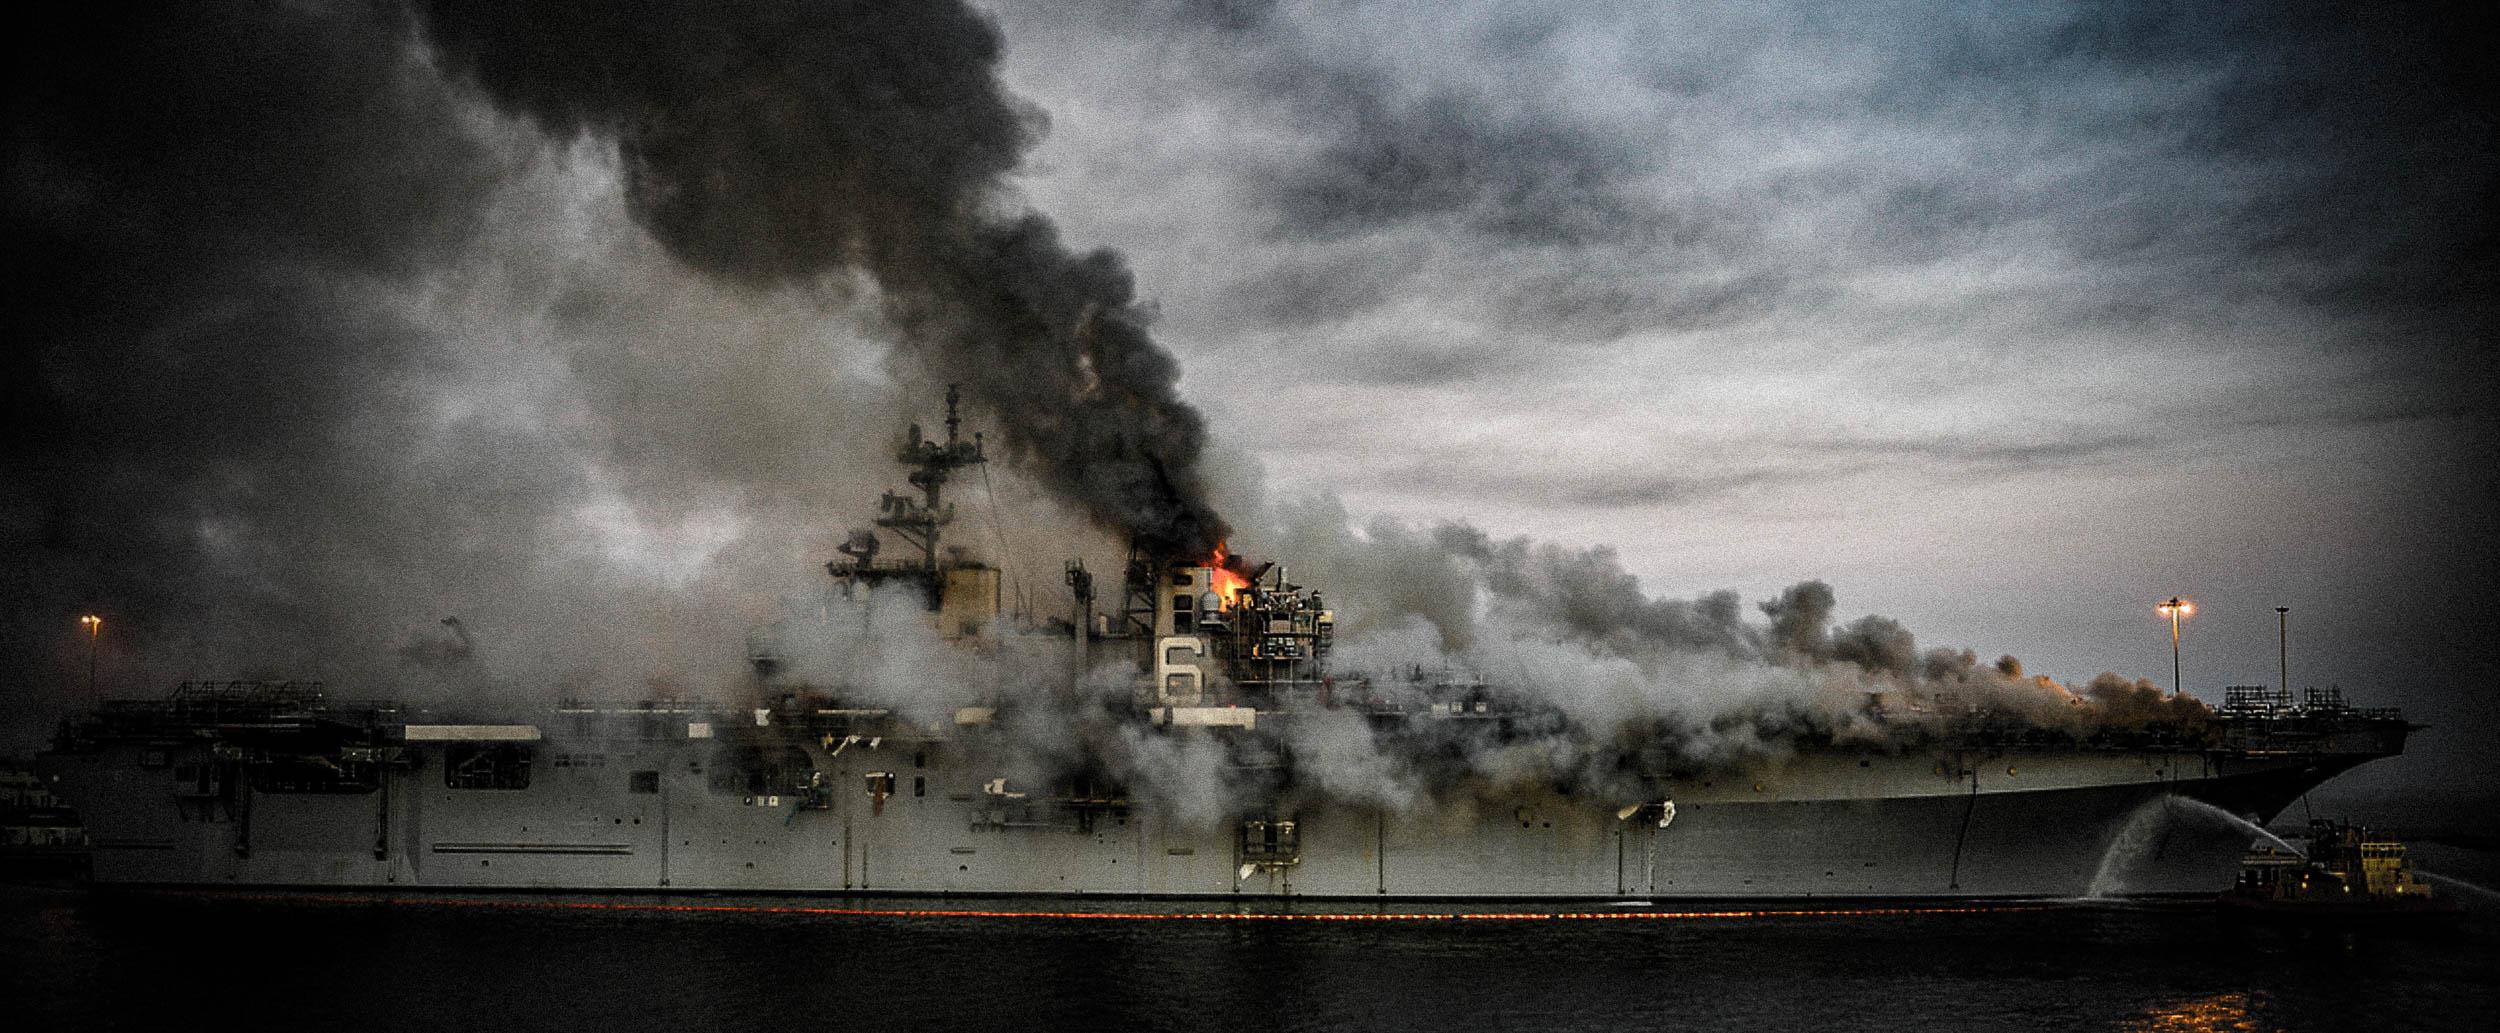 BHM-05 2020 Reportage Im Krieg gegen die Flammen